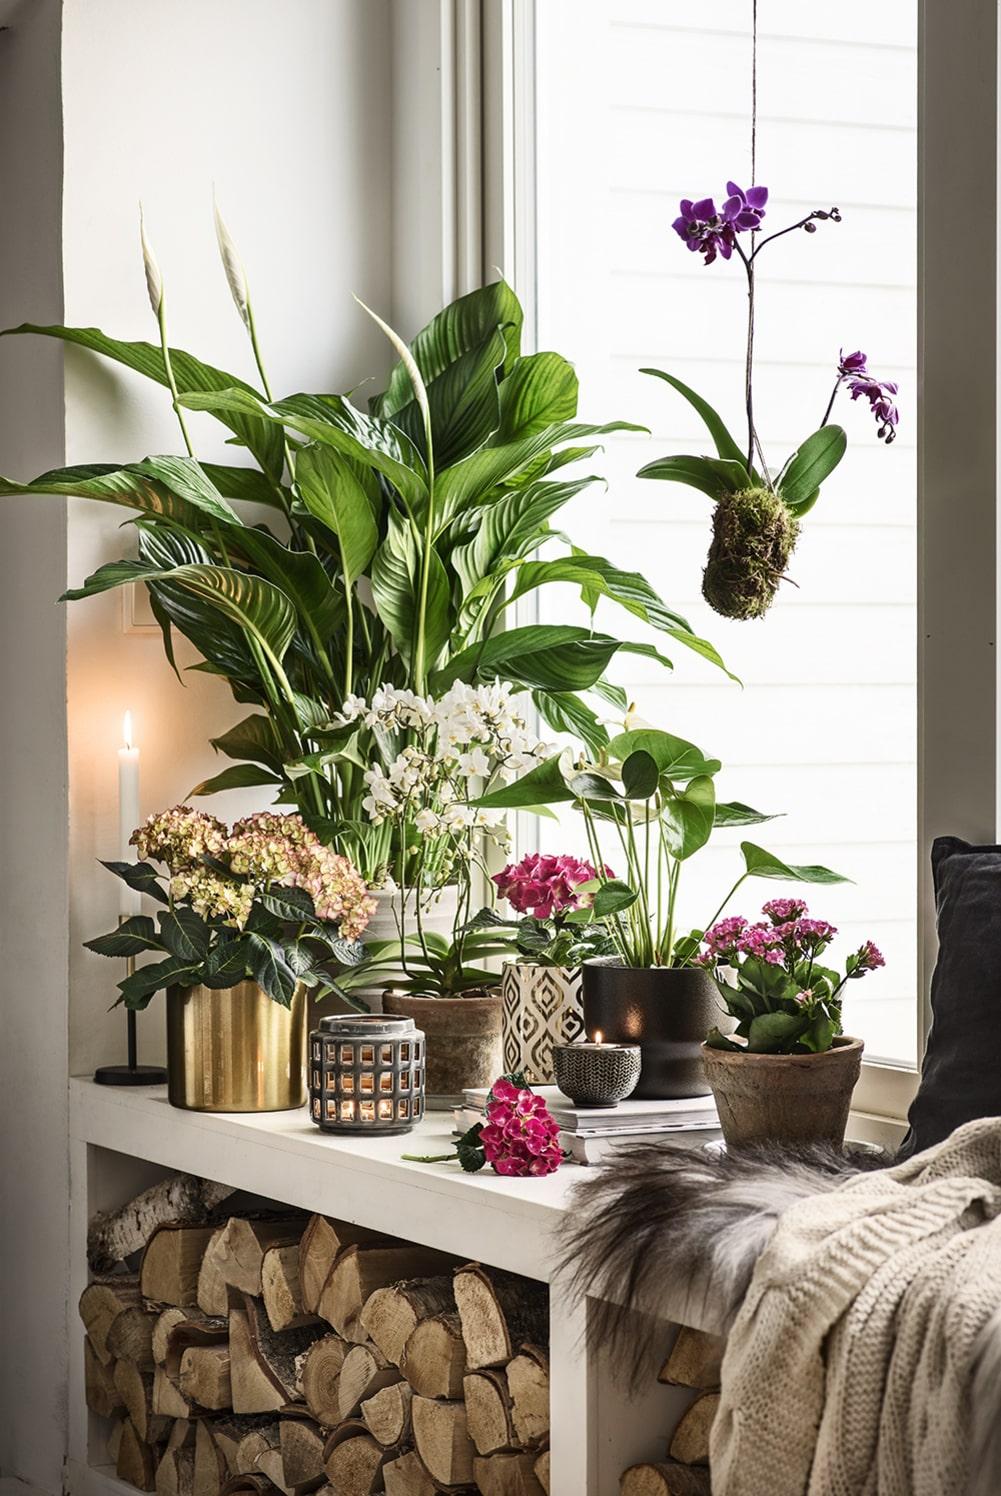 Skapa helhetsintryck och placera i grupp. Har du en enkel växt kan det kännas tomt och trist om den står ensam. Plantera då flera växter i samma kruka eller placera flera i grupp.